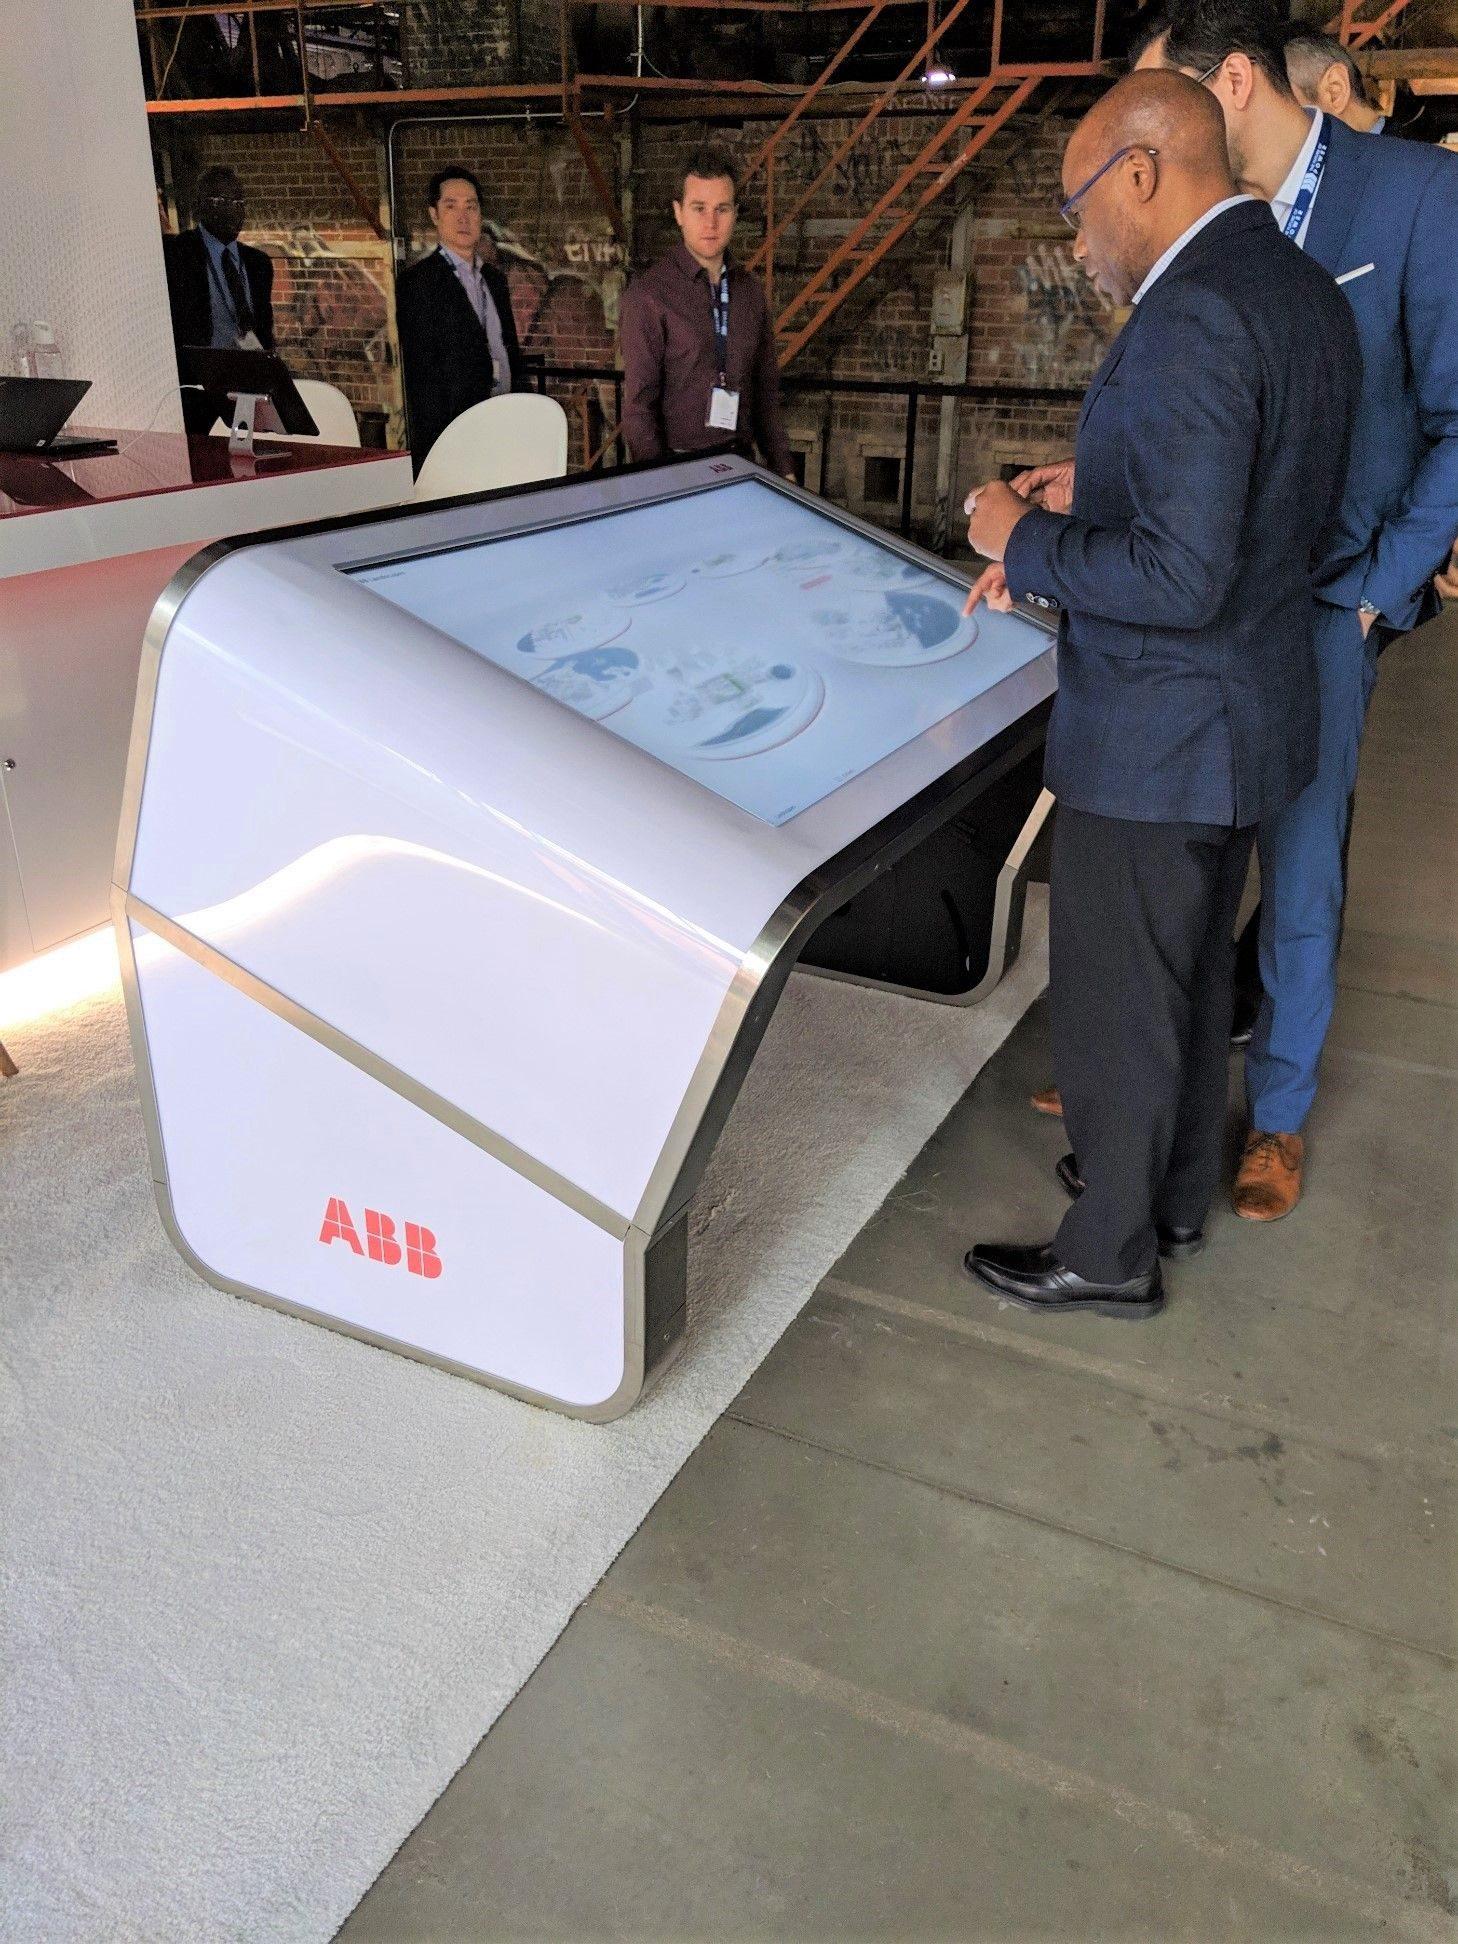 Premier modèle E pour ABB nouveau client en Amérique du Nord